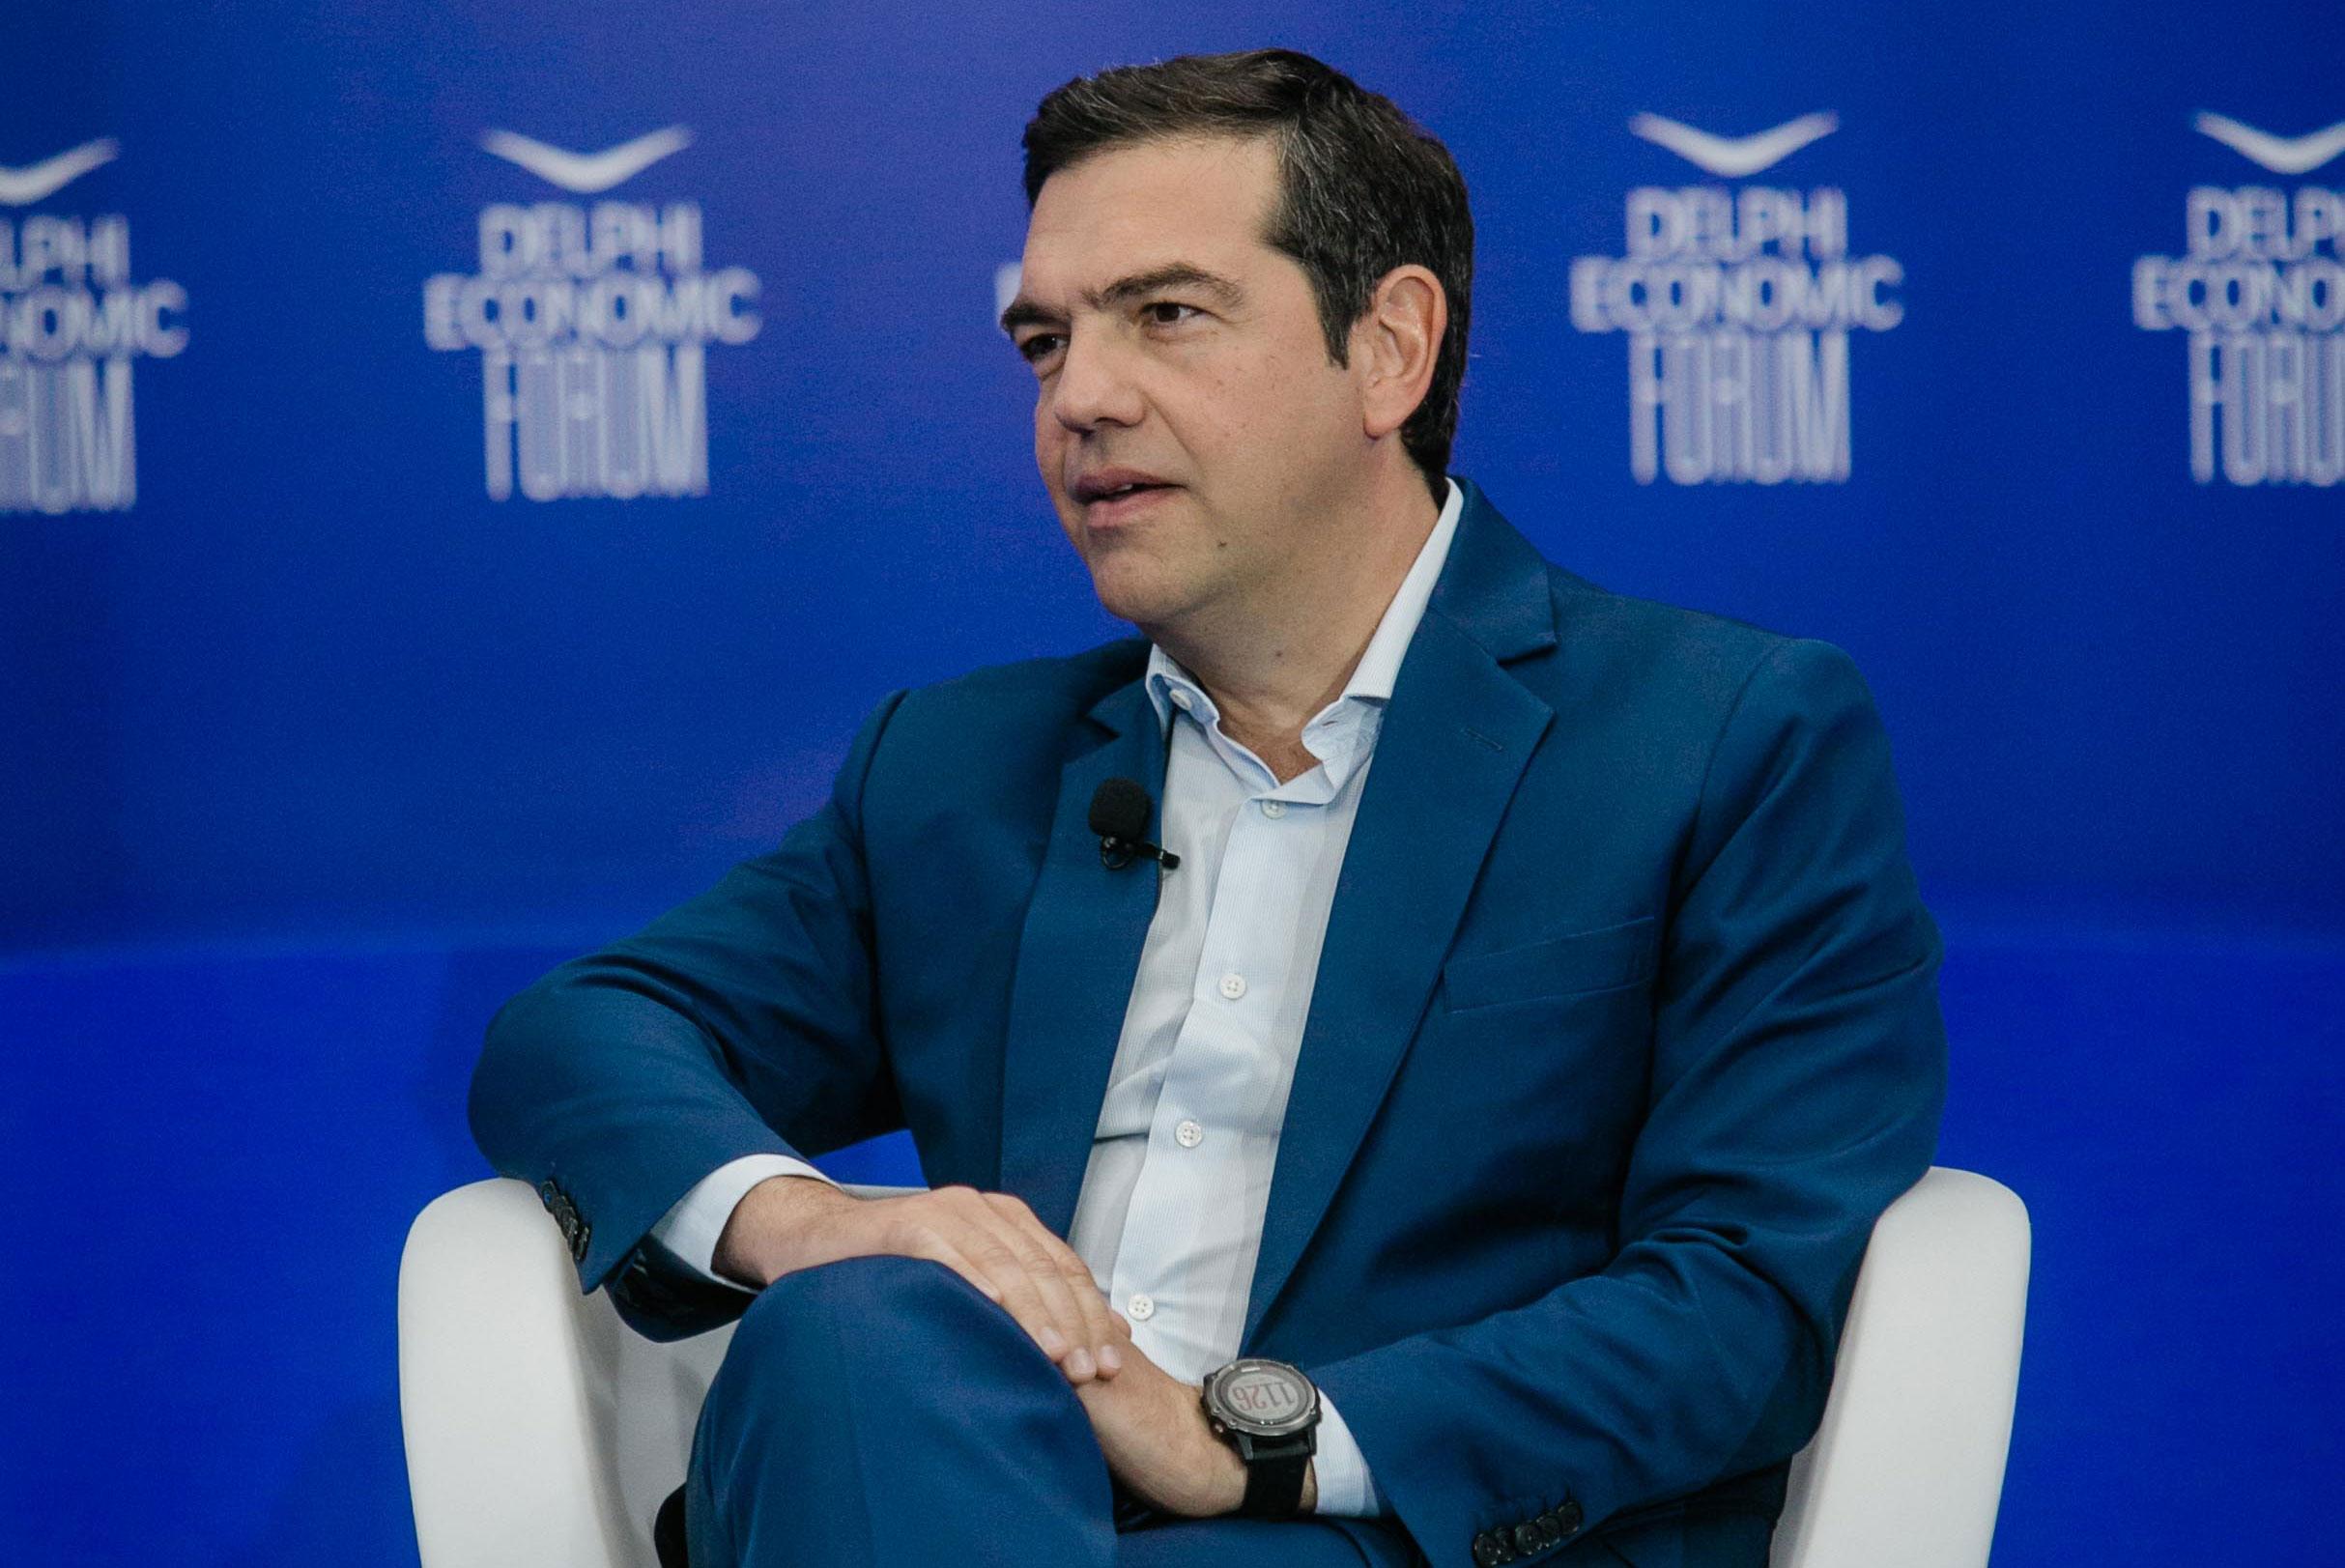 Τσίπρας: Δεν είμαστε και φίλοι με τον Μητσοτάκη – Άλλο κόμμα σήμερα ο ΣΥΡΙΖΑ